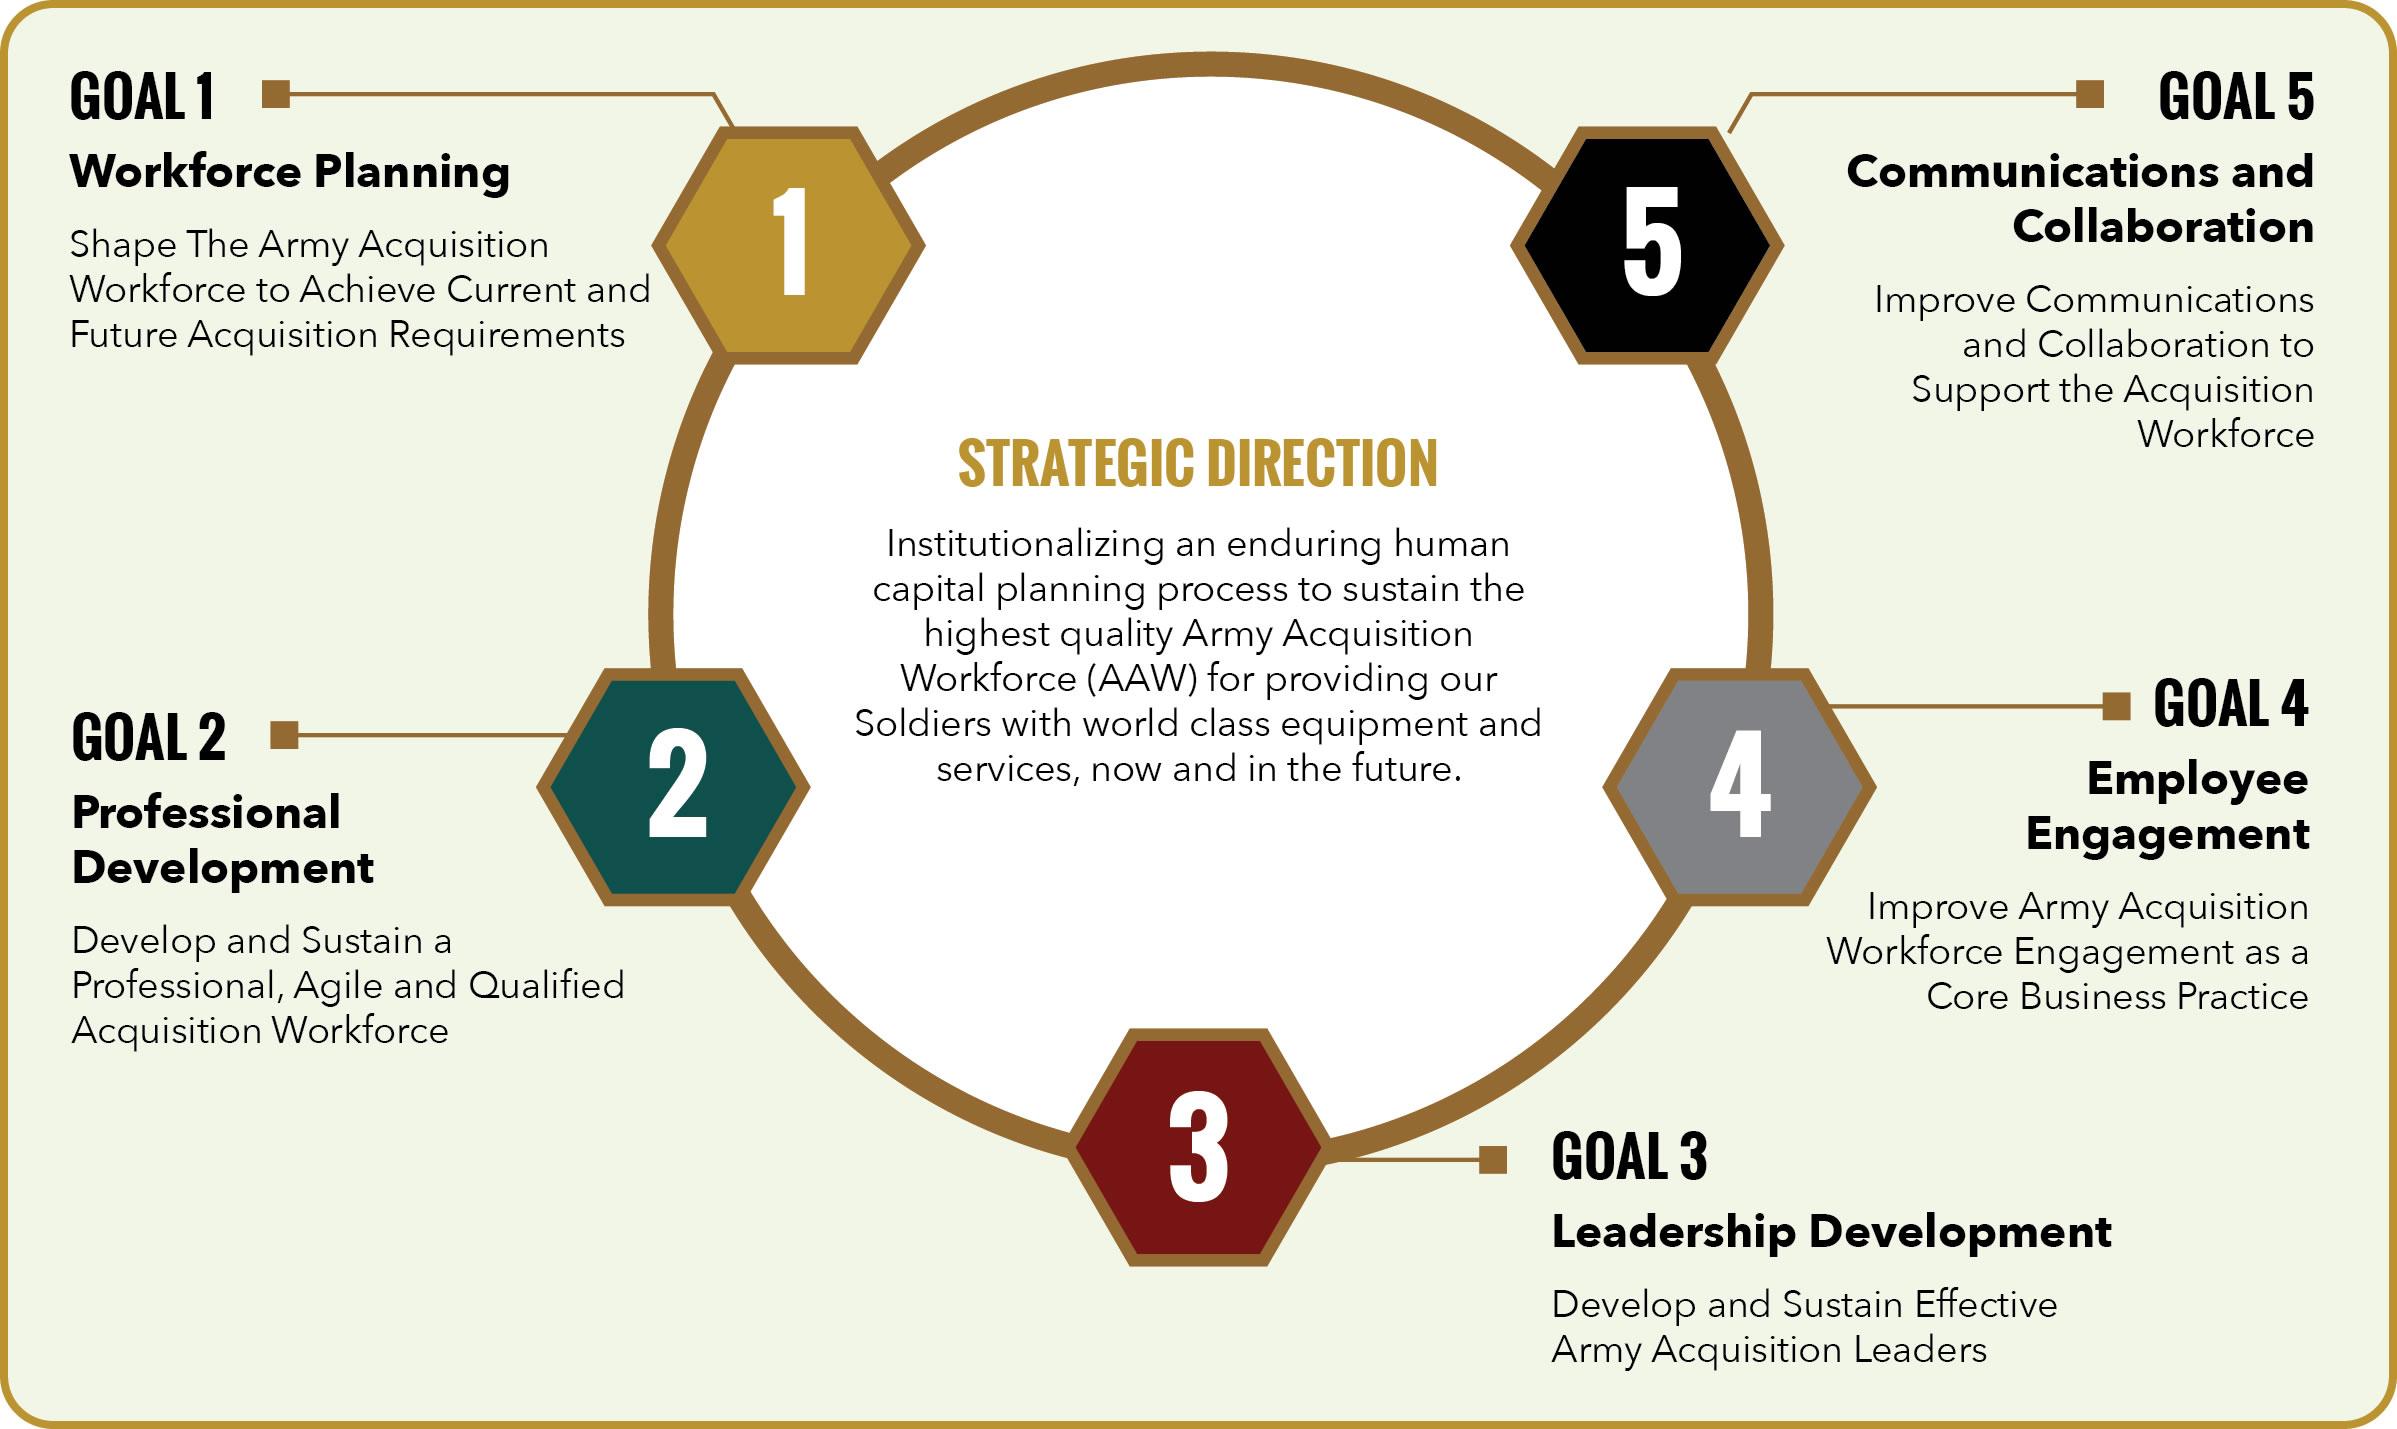 فرآیند استراتژی توسعه سرمایه انسانی چیست